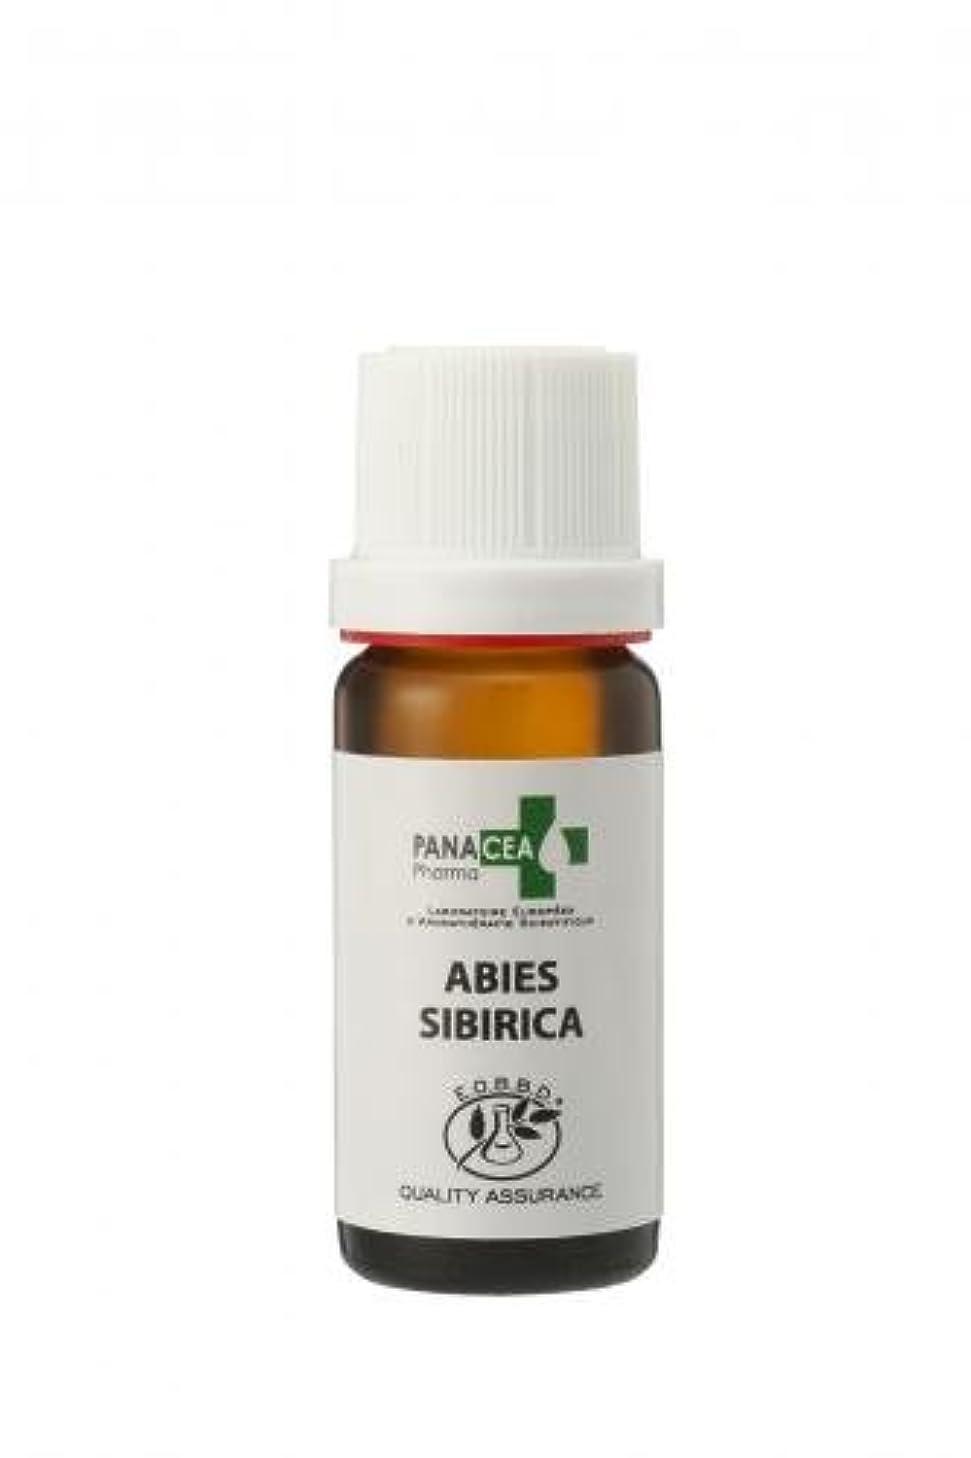 債務摘む些細なシベリアモミ (Abies sibirica) 10ml エッセンシャルオイル PANACEA PHARMA パナセア ファルマ